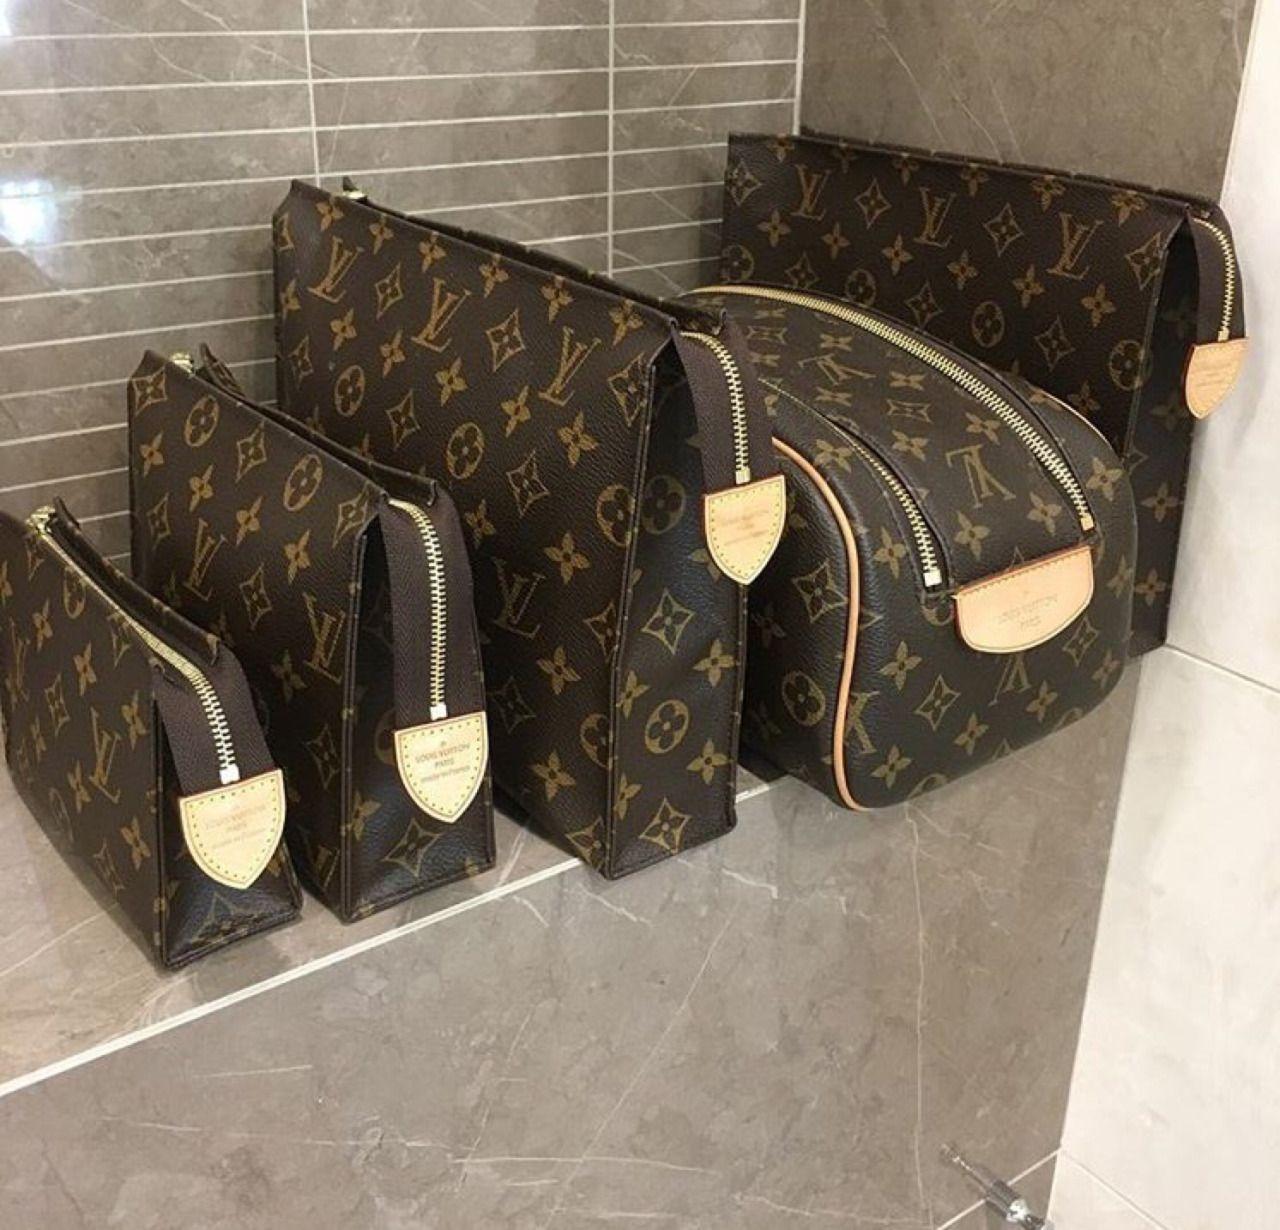 9eca8c15247a louis vuitton handbags collection  Louisvuittonhandbags Fashion Handbags